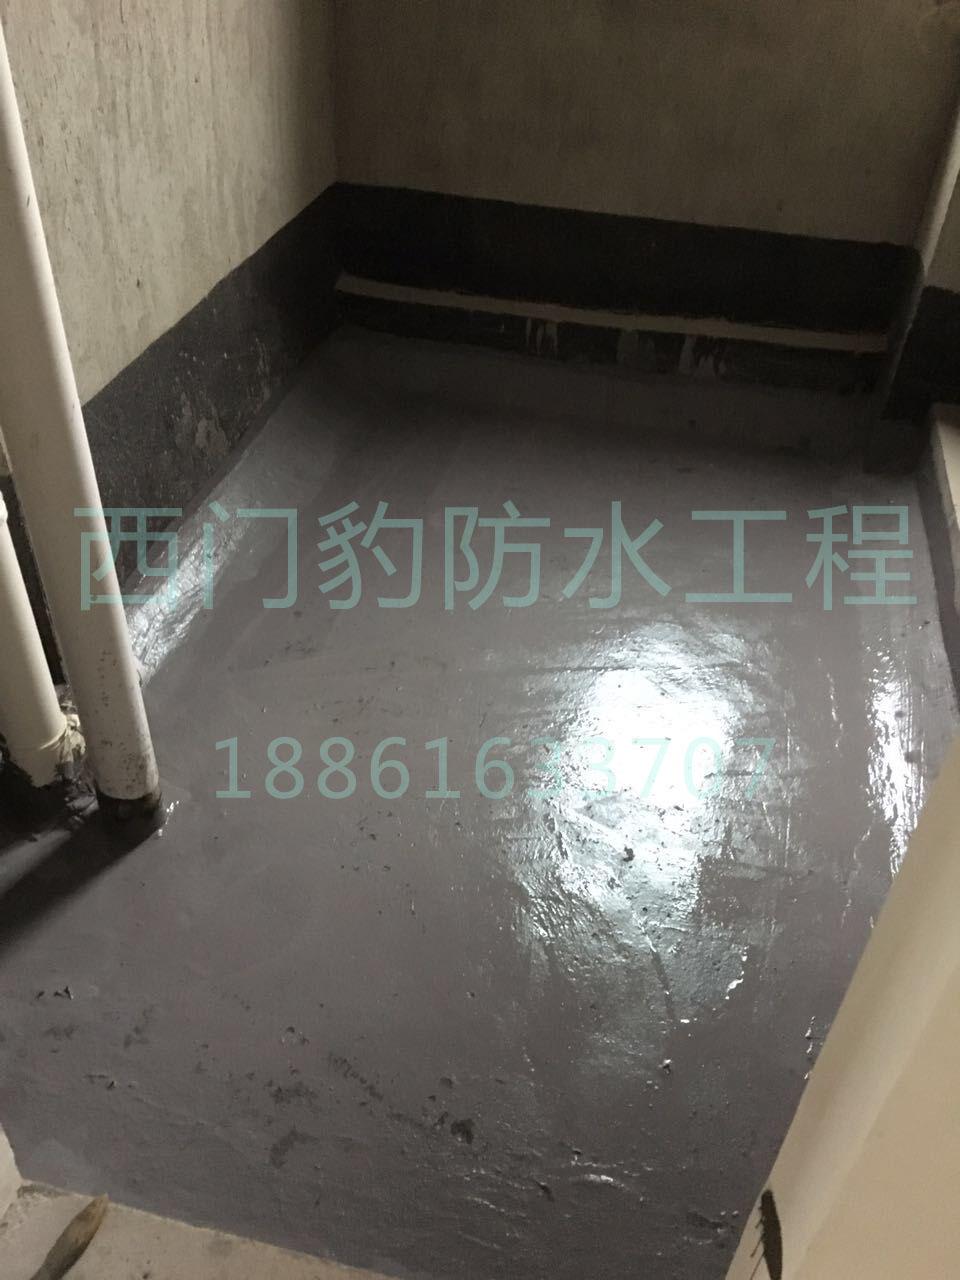 下沉式卫生间防水产品图片:    下沉式卫生间防水产品步骤:    1